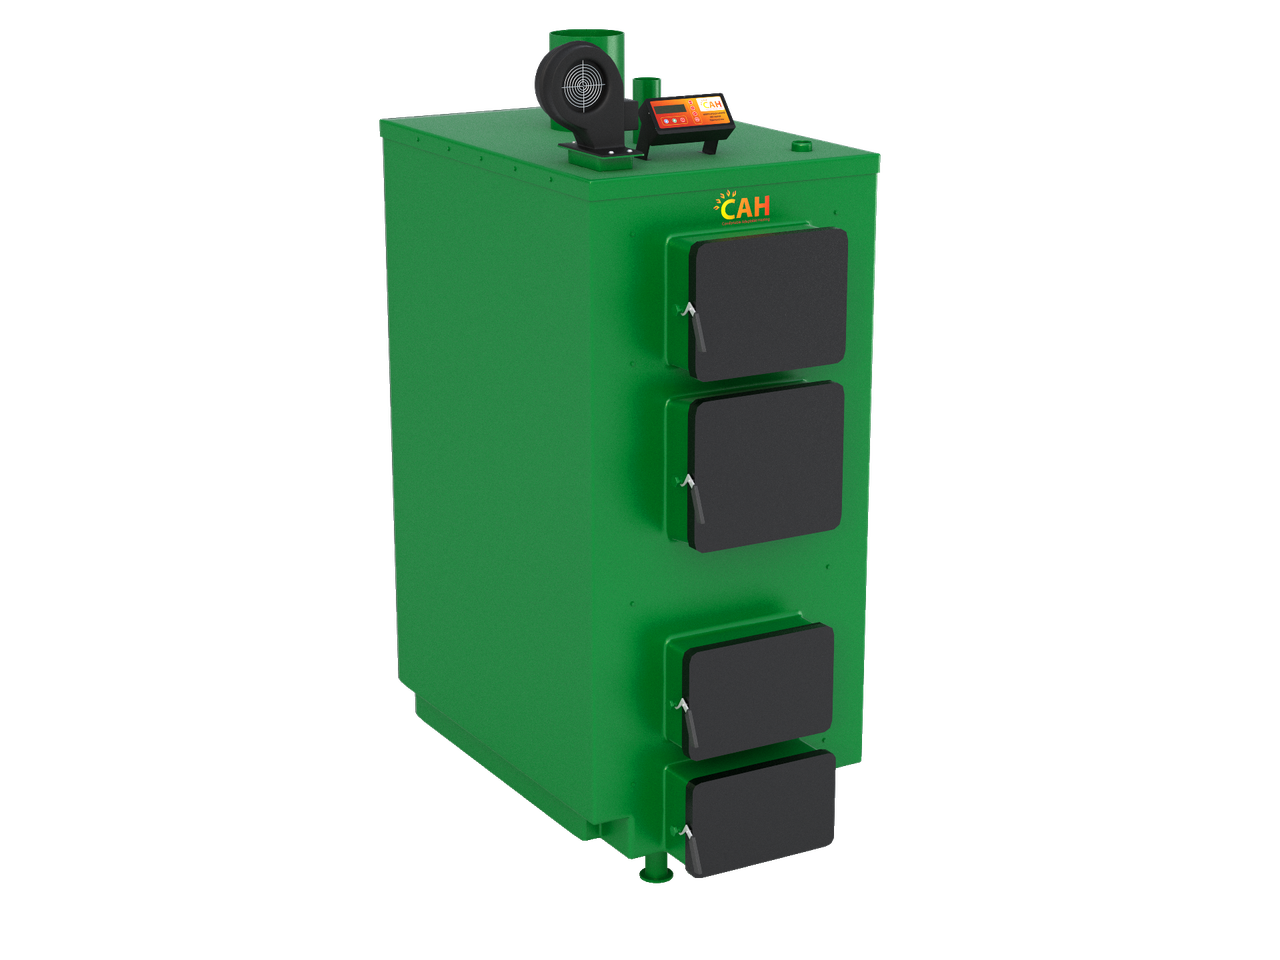 САН- ПТ (CAH-PT)  дровяные котлы  длительного горения для систем водяного отопления мощностью 38 кВт